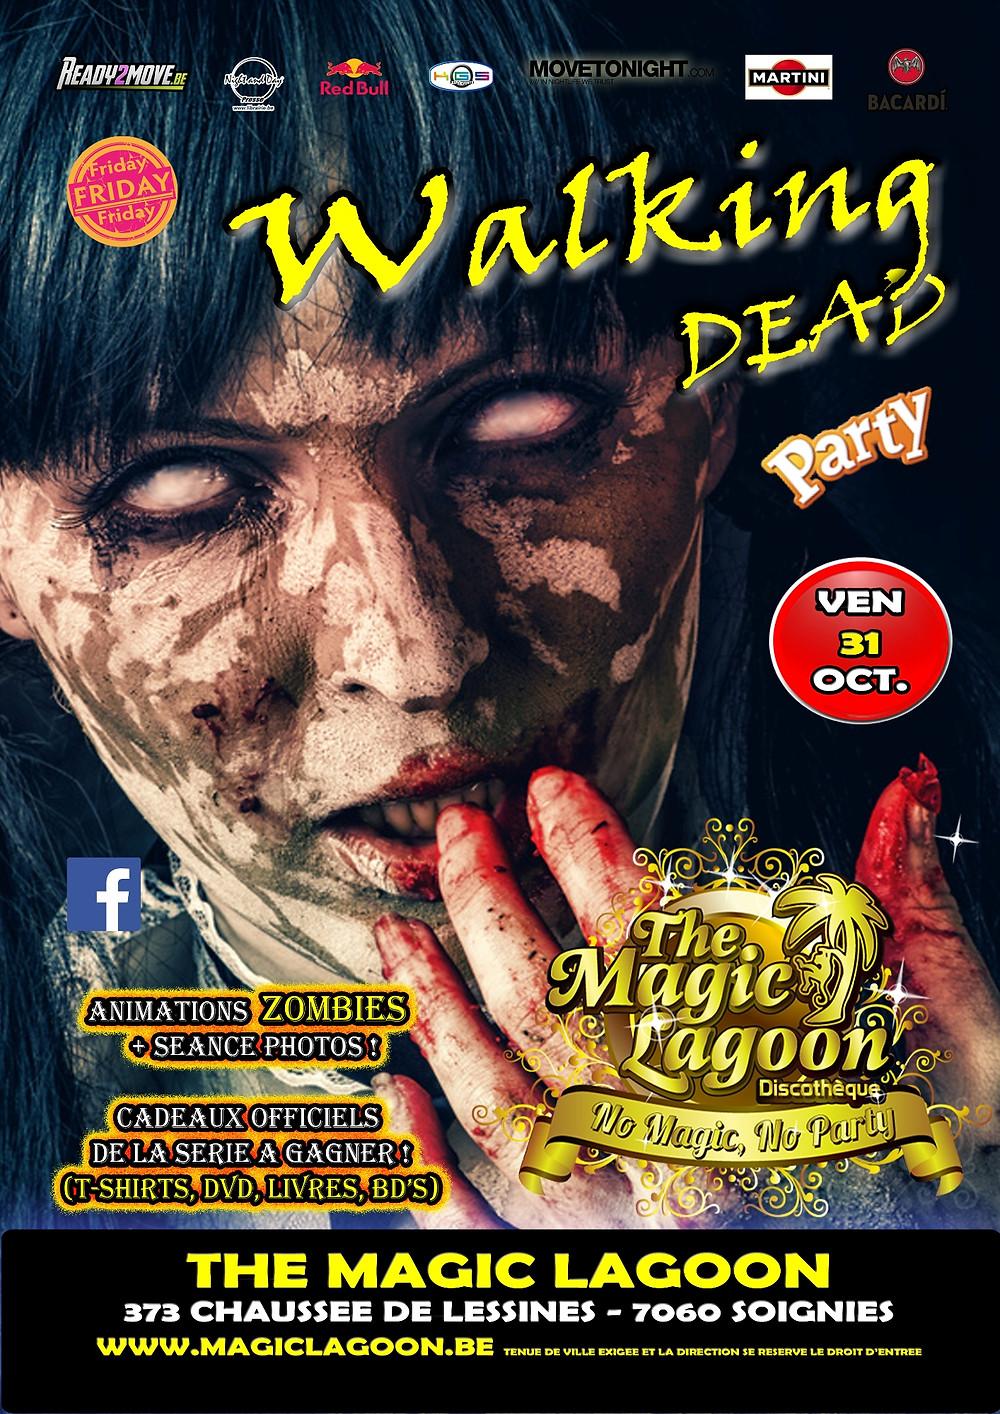 Walking Dead Party ve3110.jpg